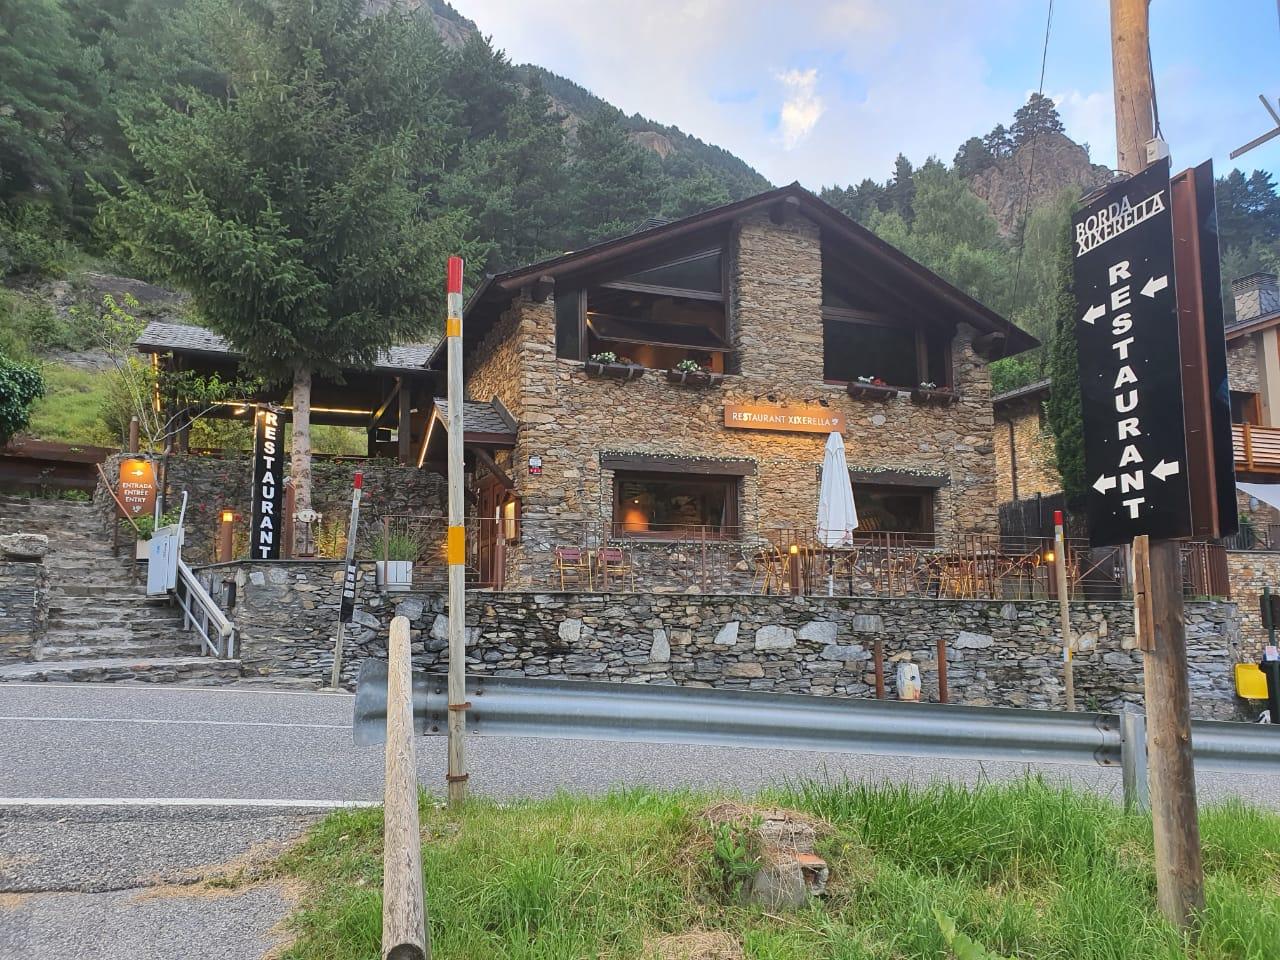 Restaurant Borda Xixerella. Borda rústica i típica Andorrana habilitada com a restaurant i situada entre l'encreuament de Xixerella i el poble de Pal a Erts (La Massana).